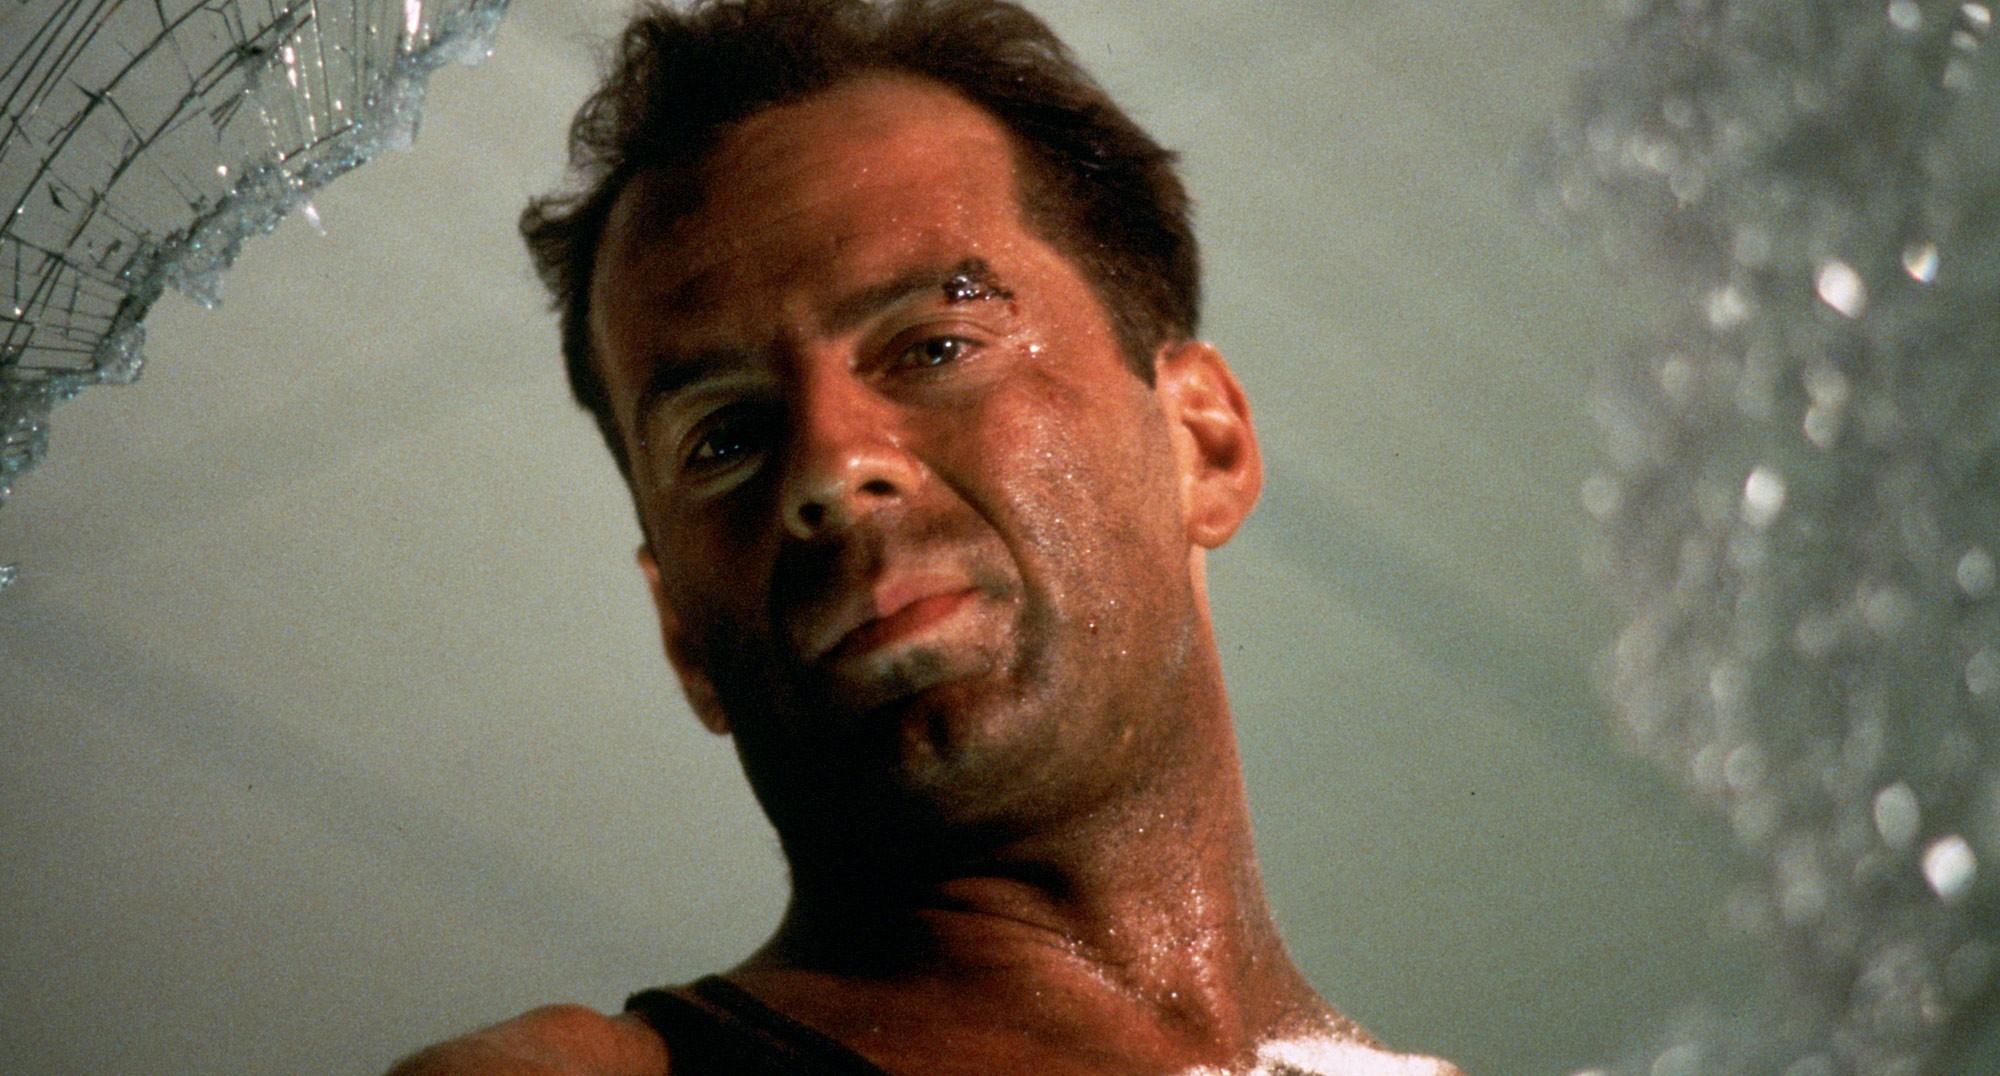 10 лучших ролей Брюса Уиллиса 1988 Крепкий орешек (Die Hard)